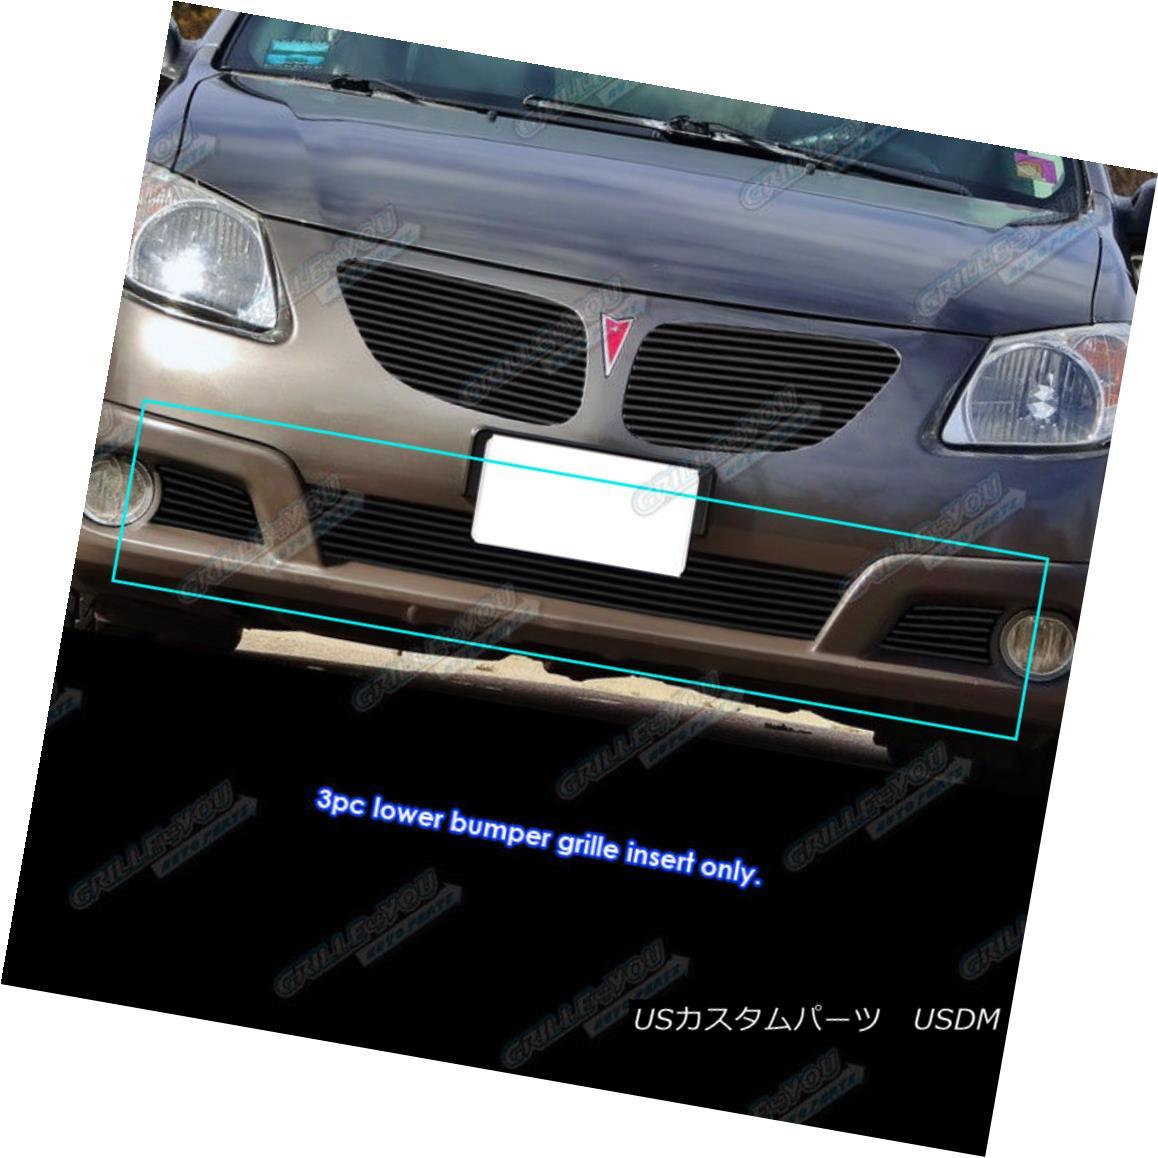 グリル Fits 2005-2006 Pontiac Vibe Black Lower Bumper Billet Grille Inserts フィット2005-2006ポンティアックバイブブラックロワーバンパービレットグリルインサート